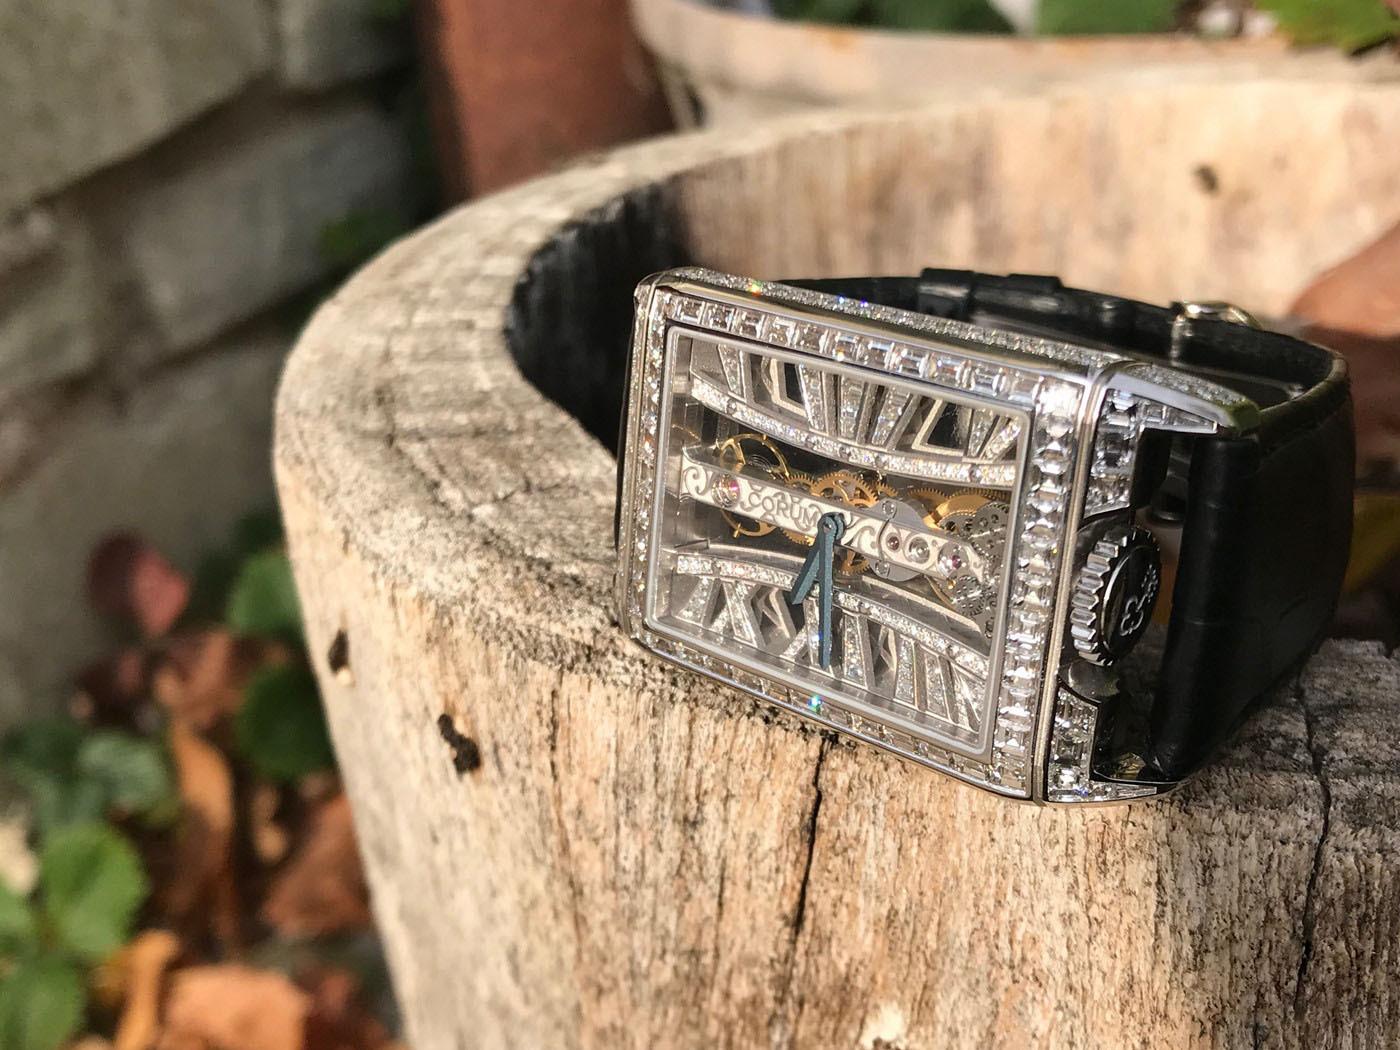 大师工艺 奢华再现  CORUM昆仑表推出金桥长方形钻石腕表